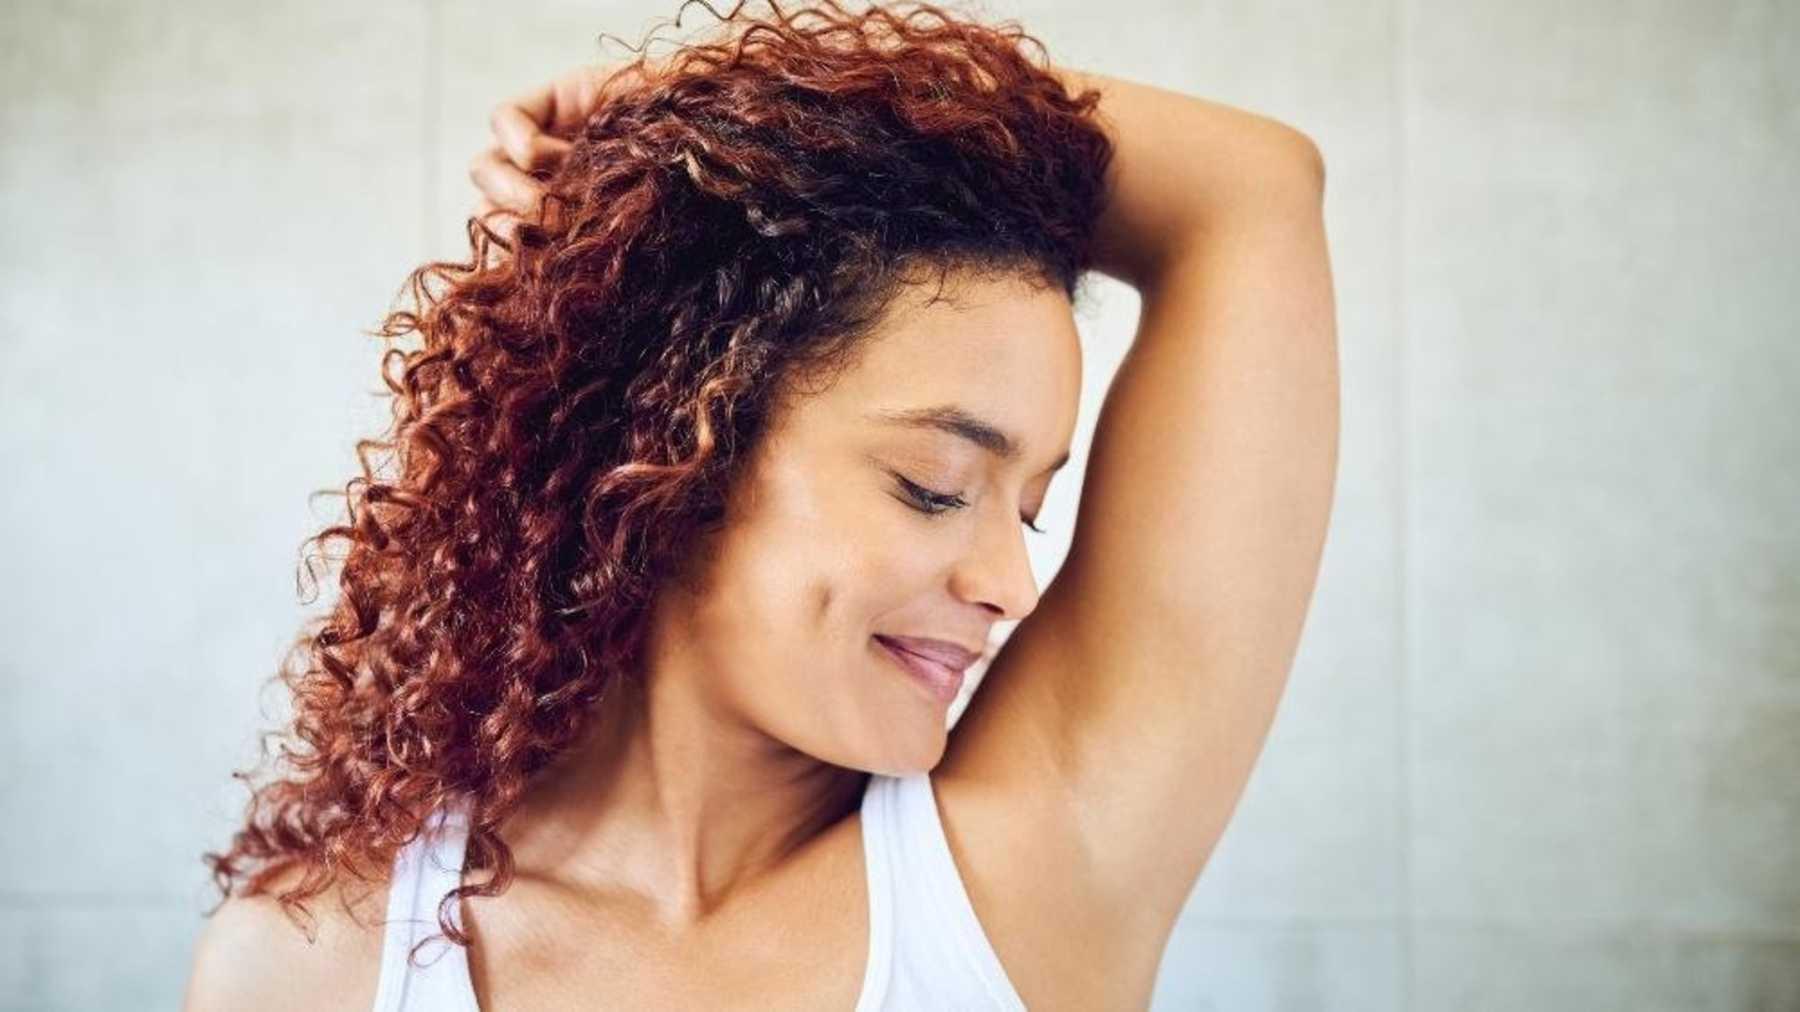 19 Remedios Caseros Para Aclarar Las Axilas Mamaslatinas Com